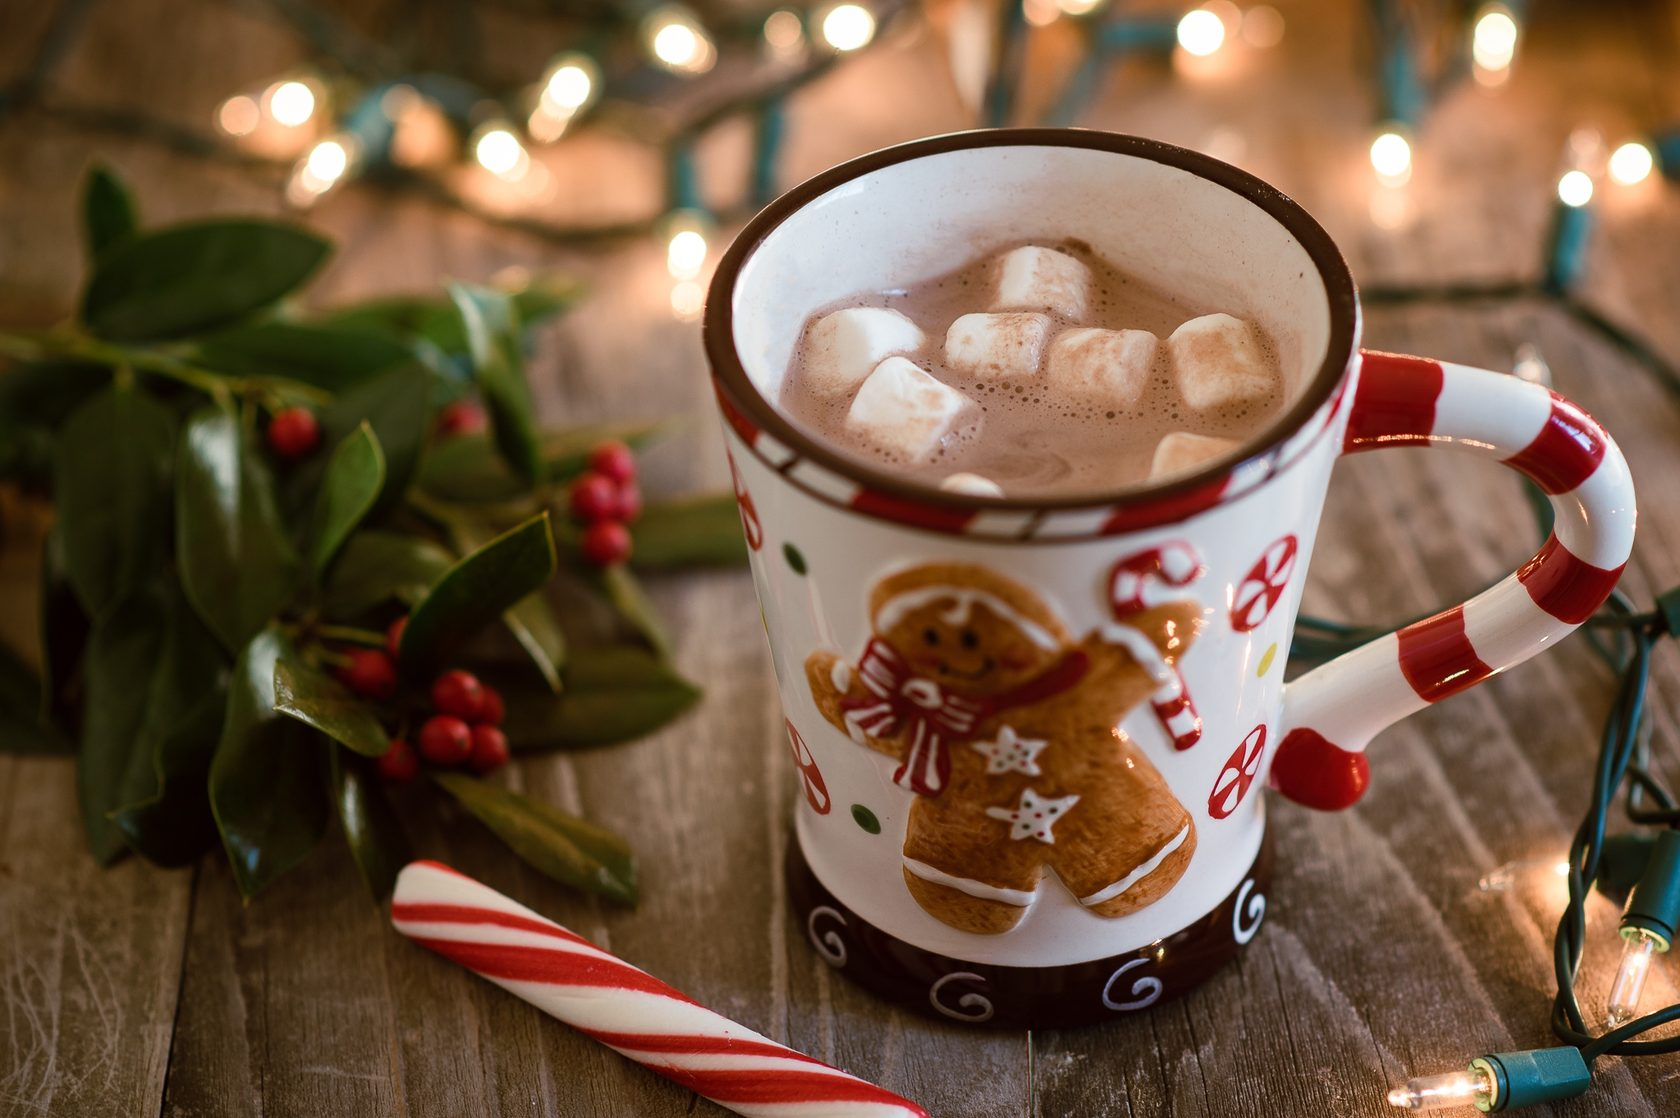 картинки кофе новогоднее настроение женщина хотела